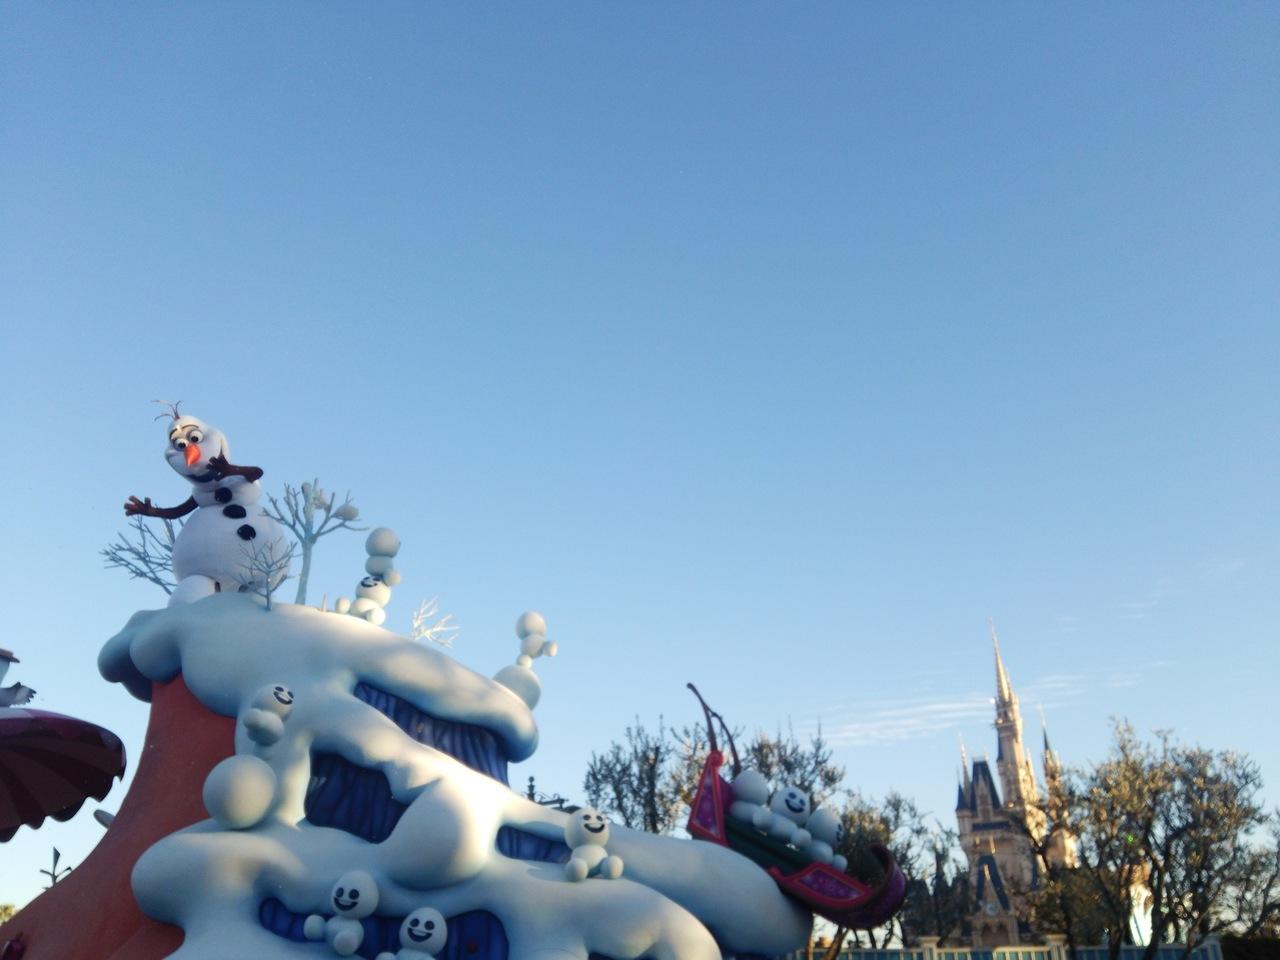 東京ディズニーランド。フローズンファンタジー「みんなのためなら溶け